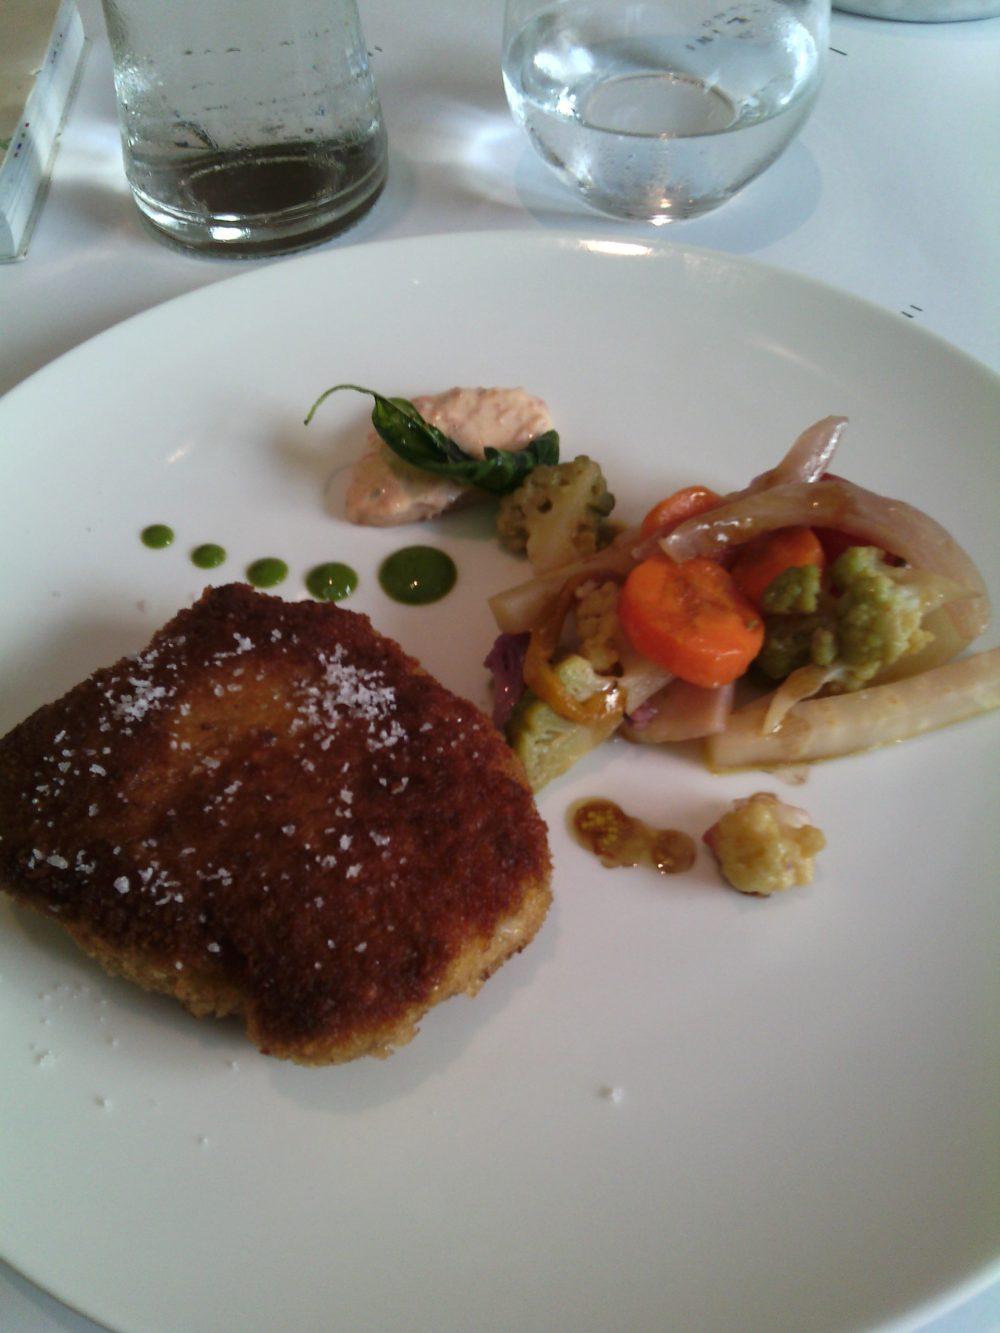 Perbellini, Milanese alla farina di fagioli, pane croccante, maionese di pomodori confit